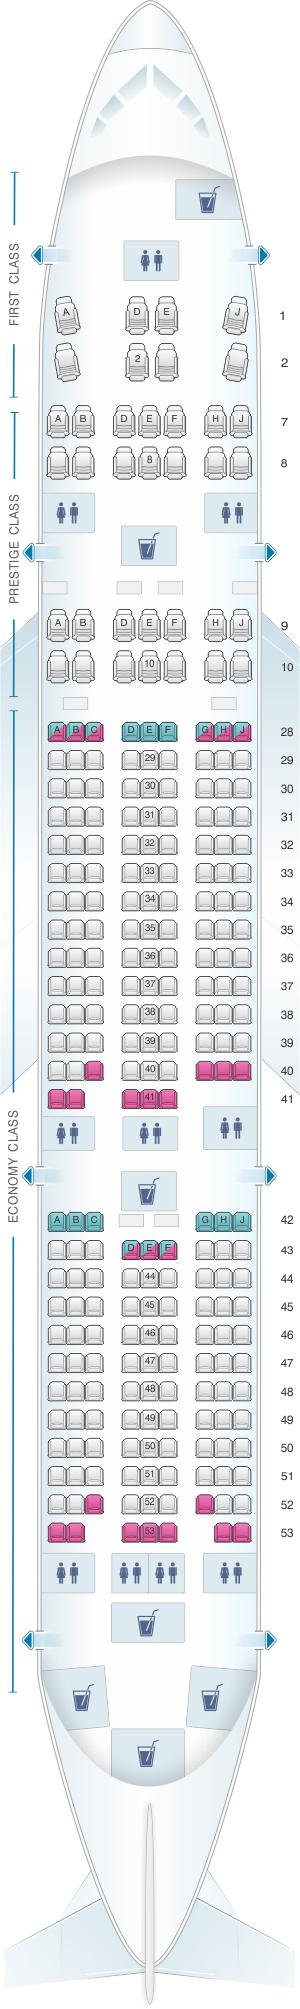 Seat map for Korean Air Boeing B777 200ER Kosmo Sleeper